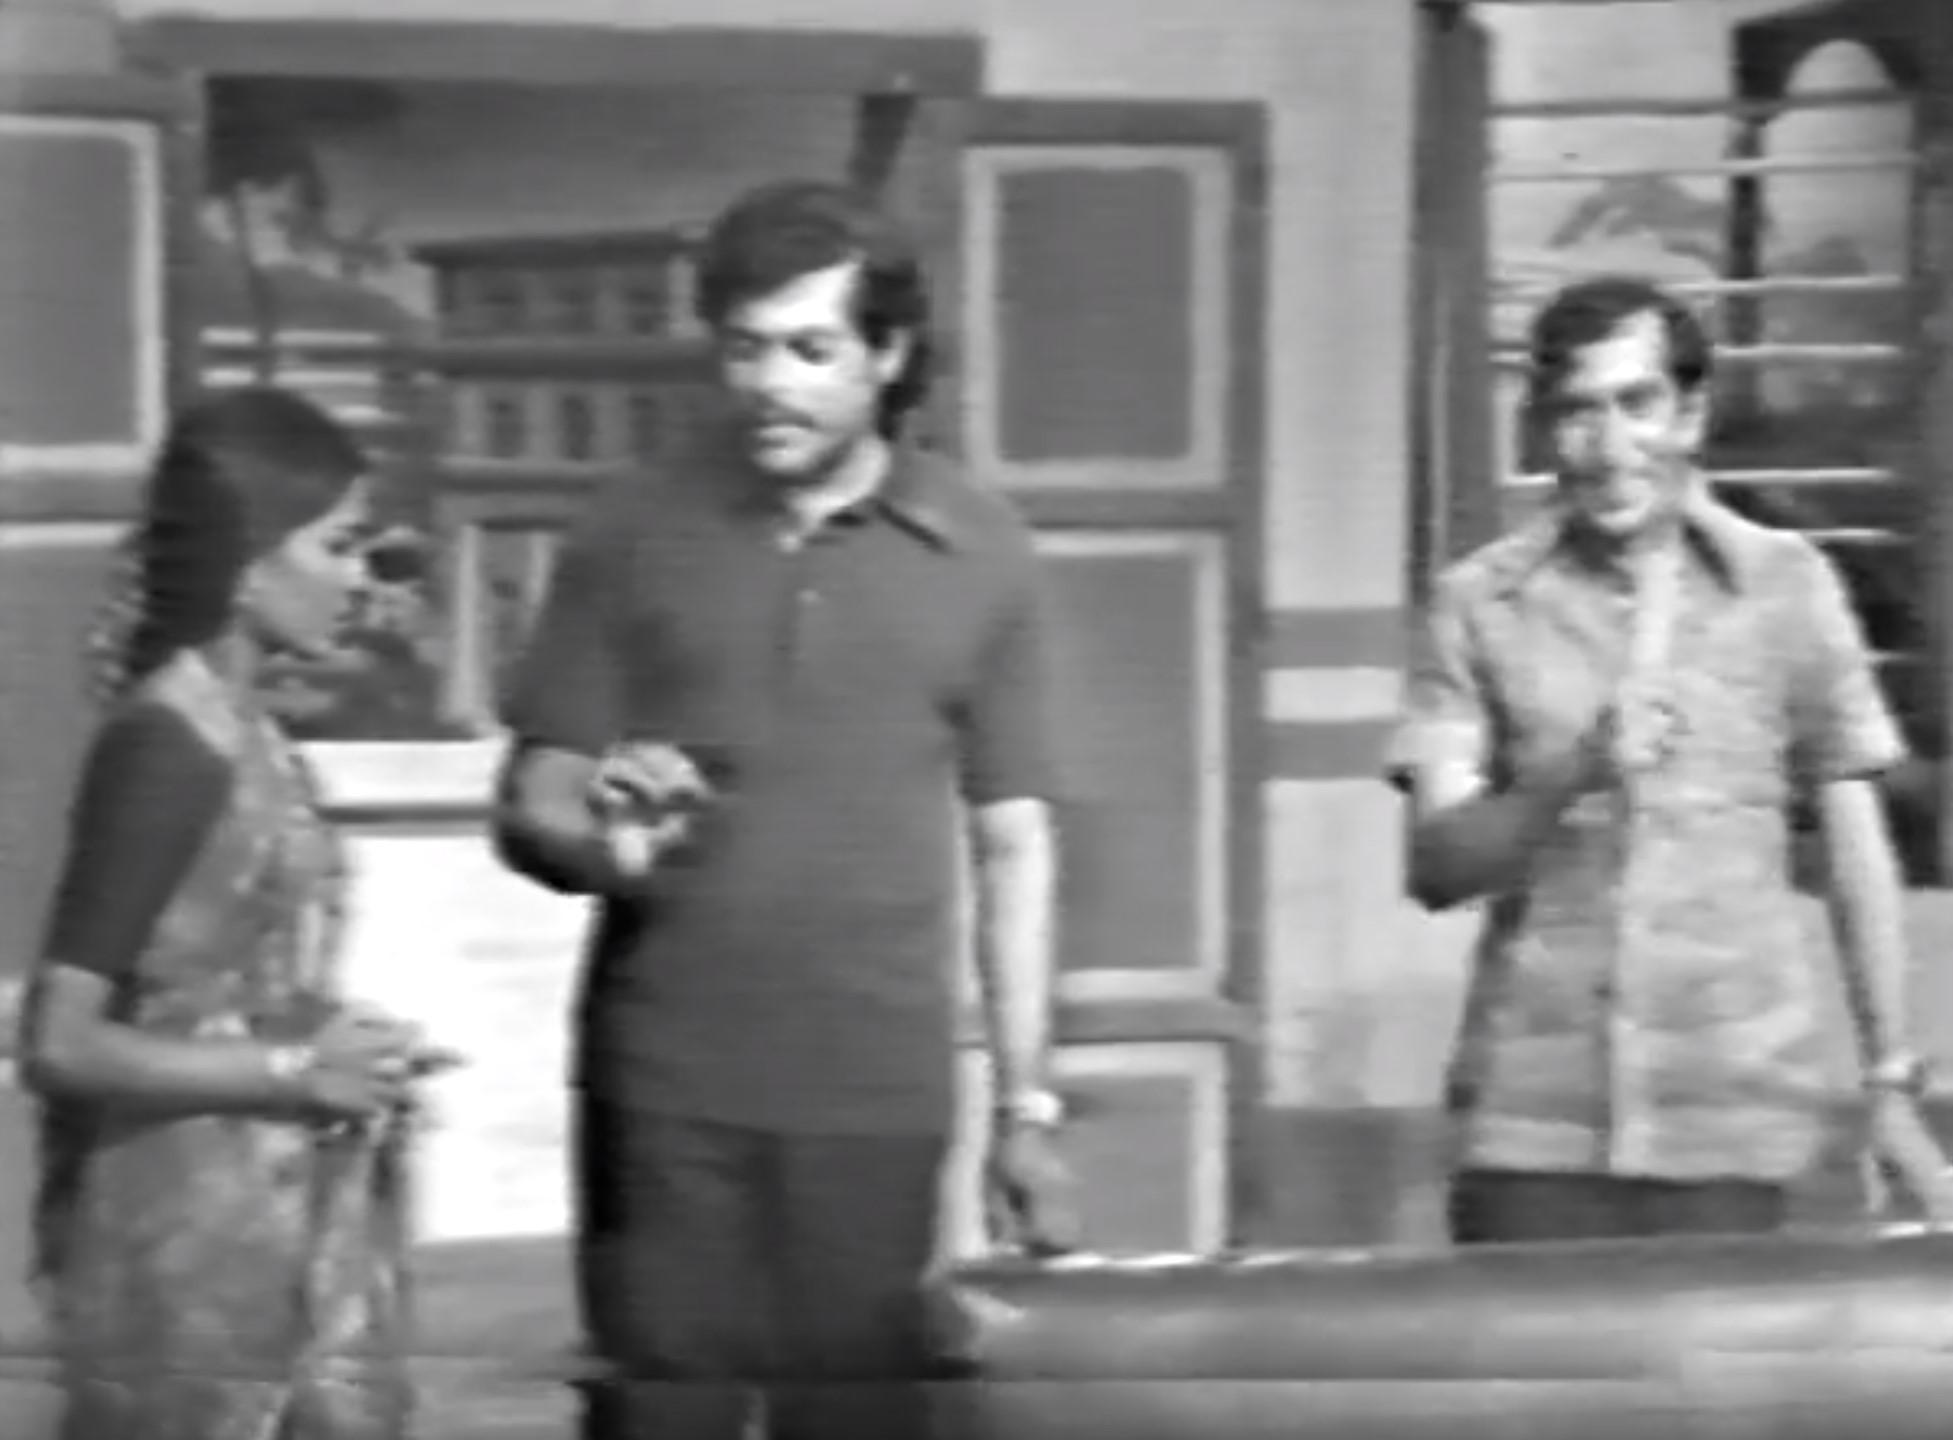 காத்தாடி ராமமூர்த்தி மற்றும் டெல்லி கணேஷ்